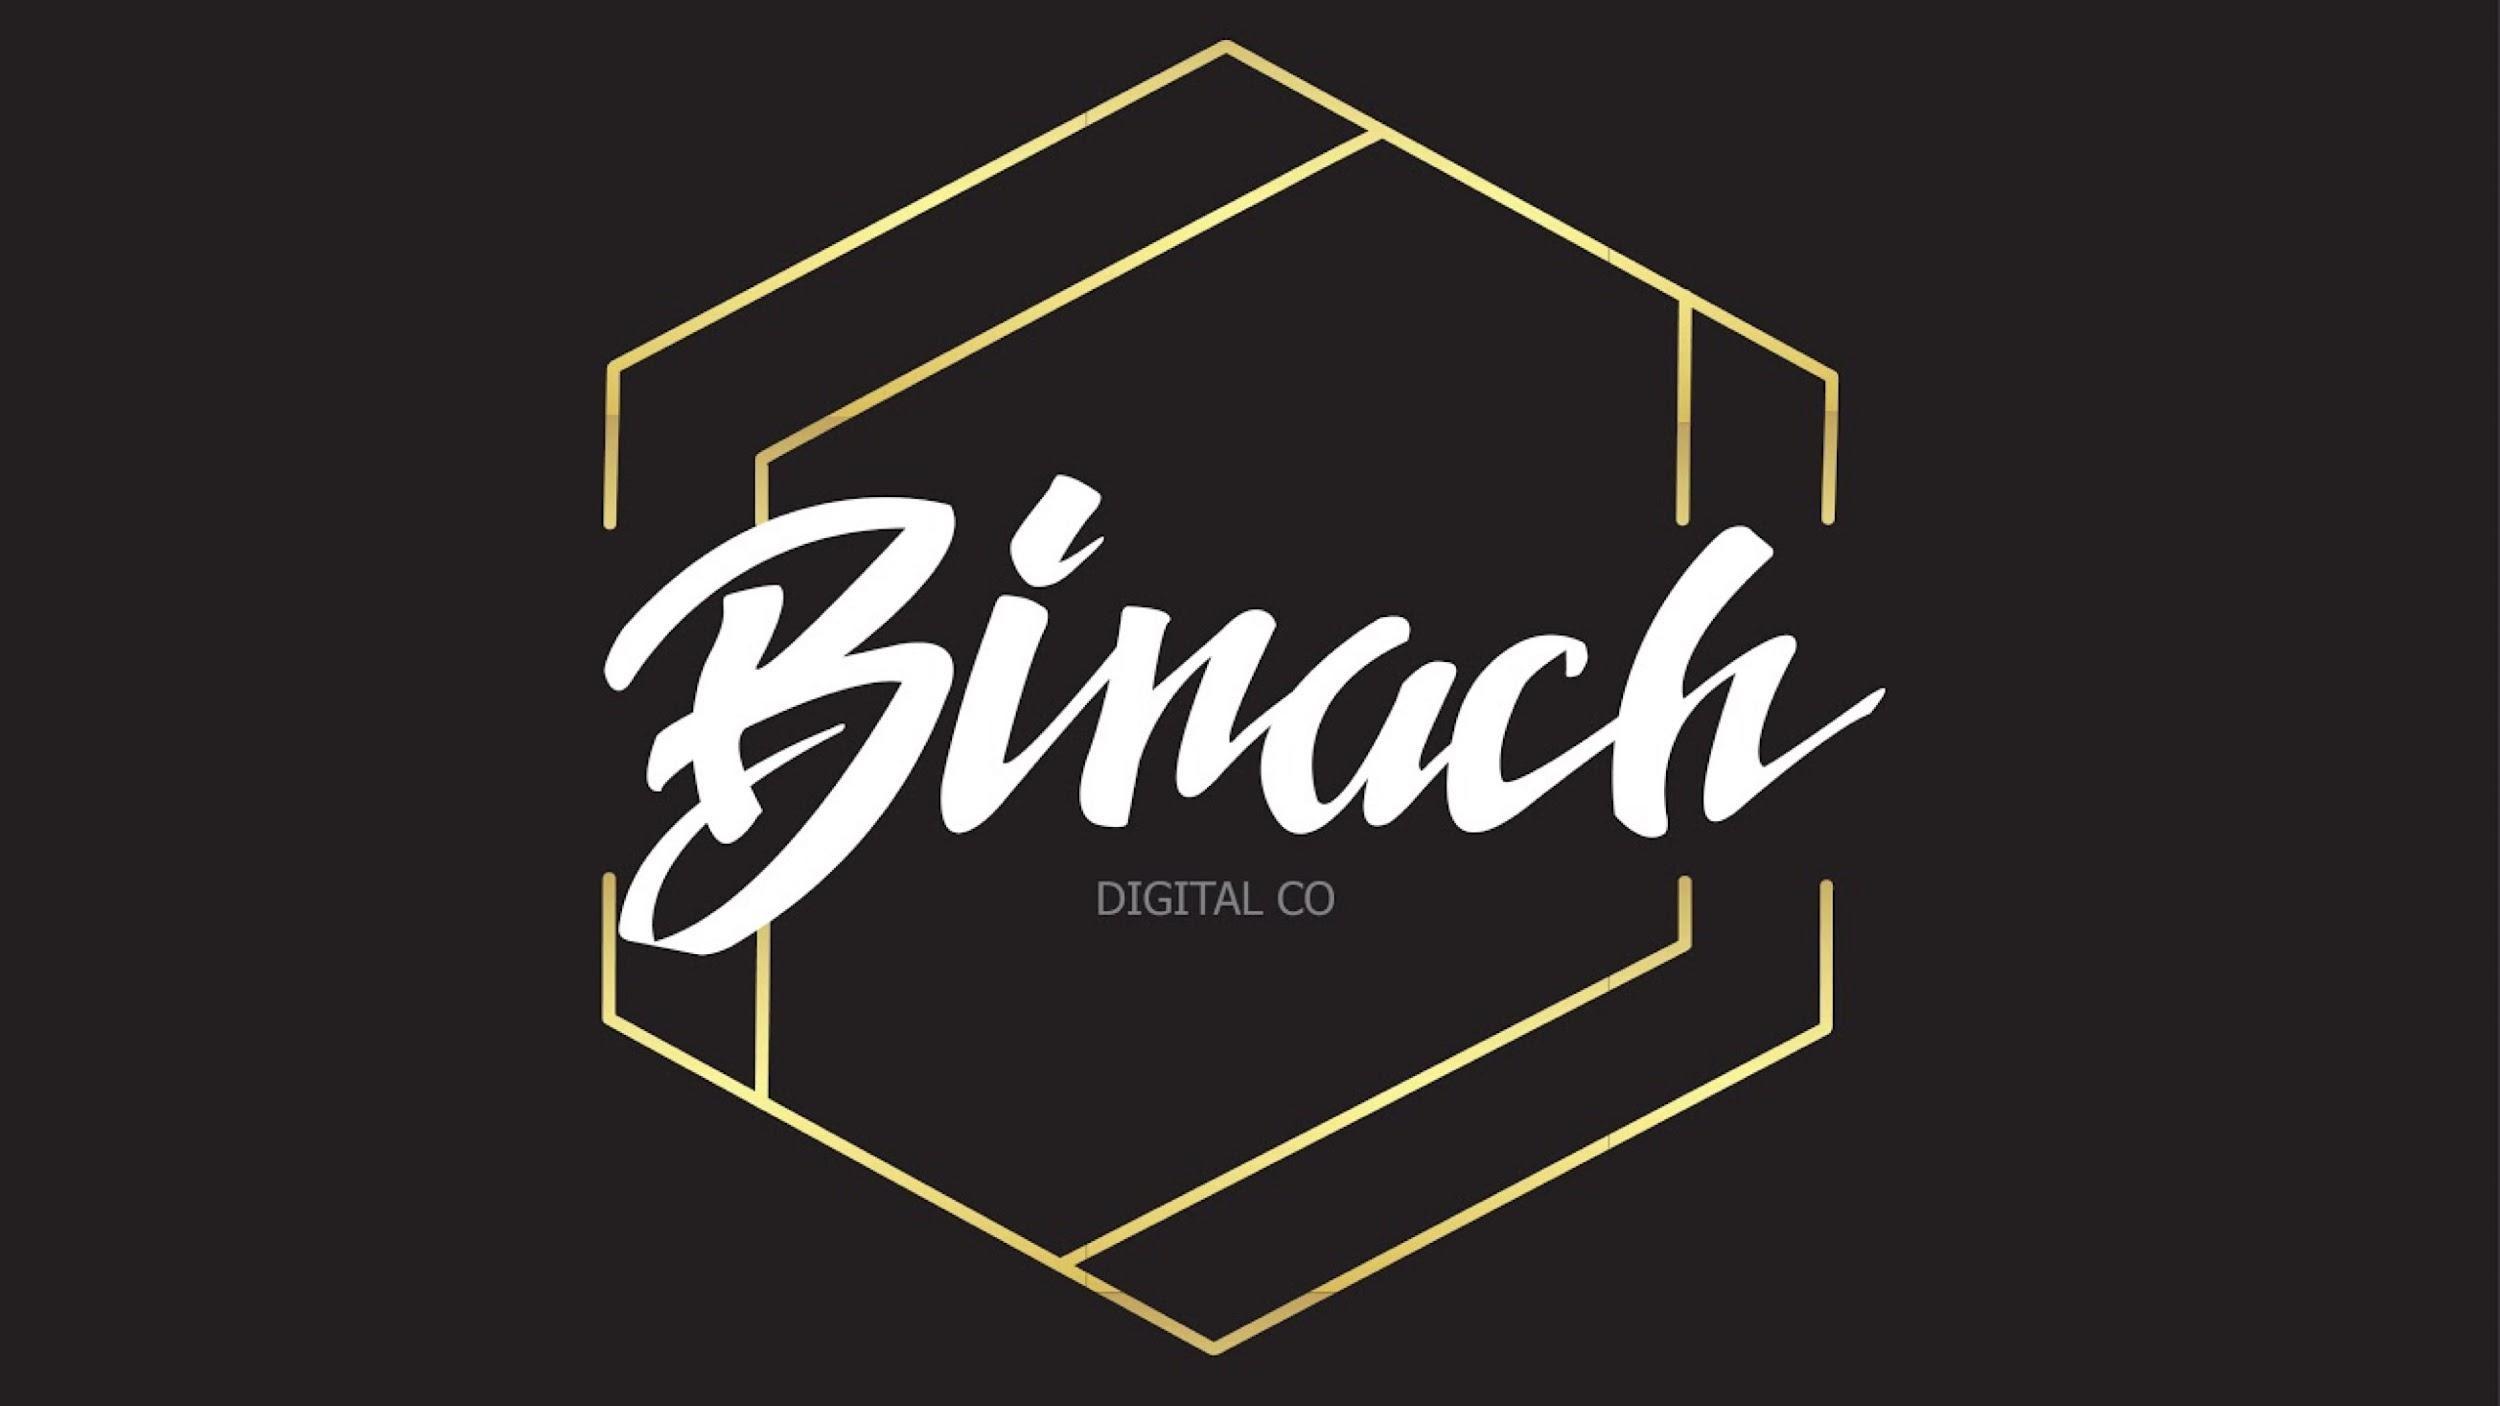 Binach